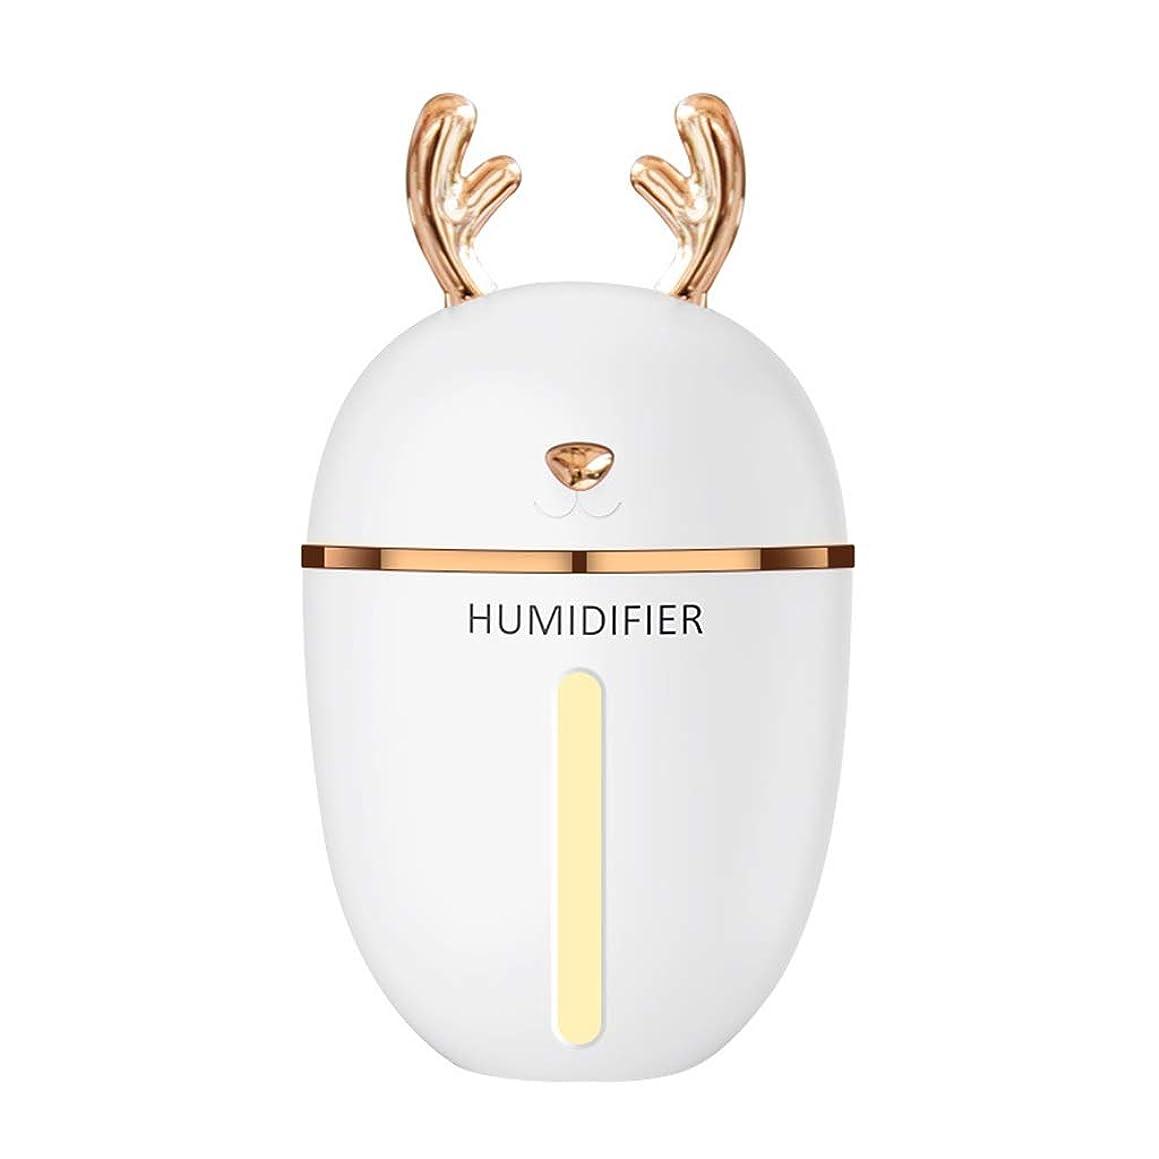 原理ハウジングオーチャードLZAQ 加湿器usbミストmenglu ledインテークライト280ミリリットルポータブルエアアロマディフューザーモイスチャライザースプレー静かな操作寝室子供ベビールームミニ加湿器 TTT001 (Color : White)